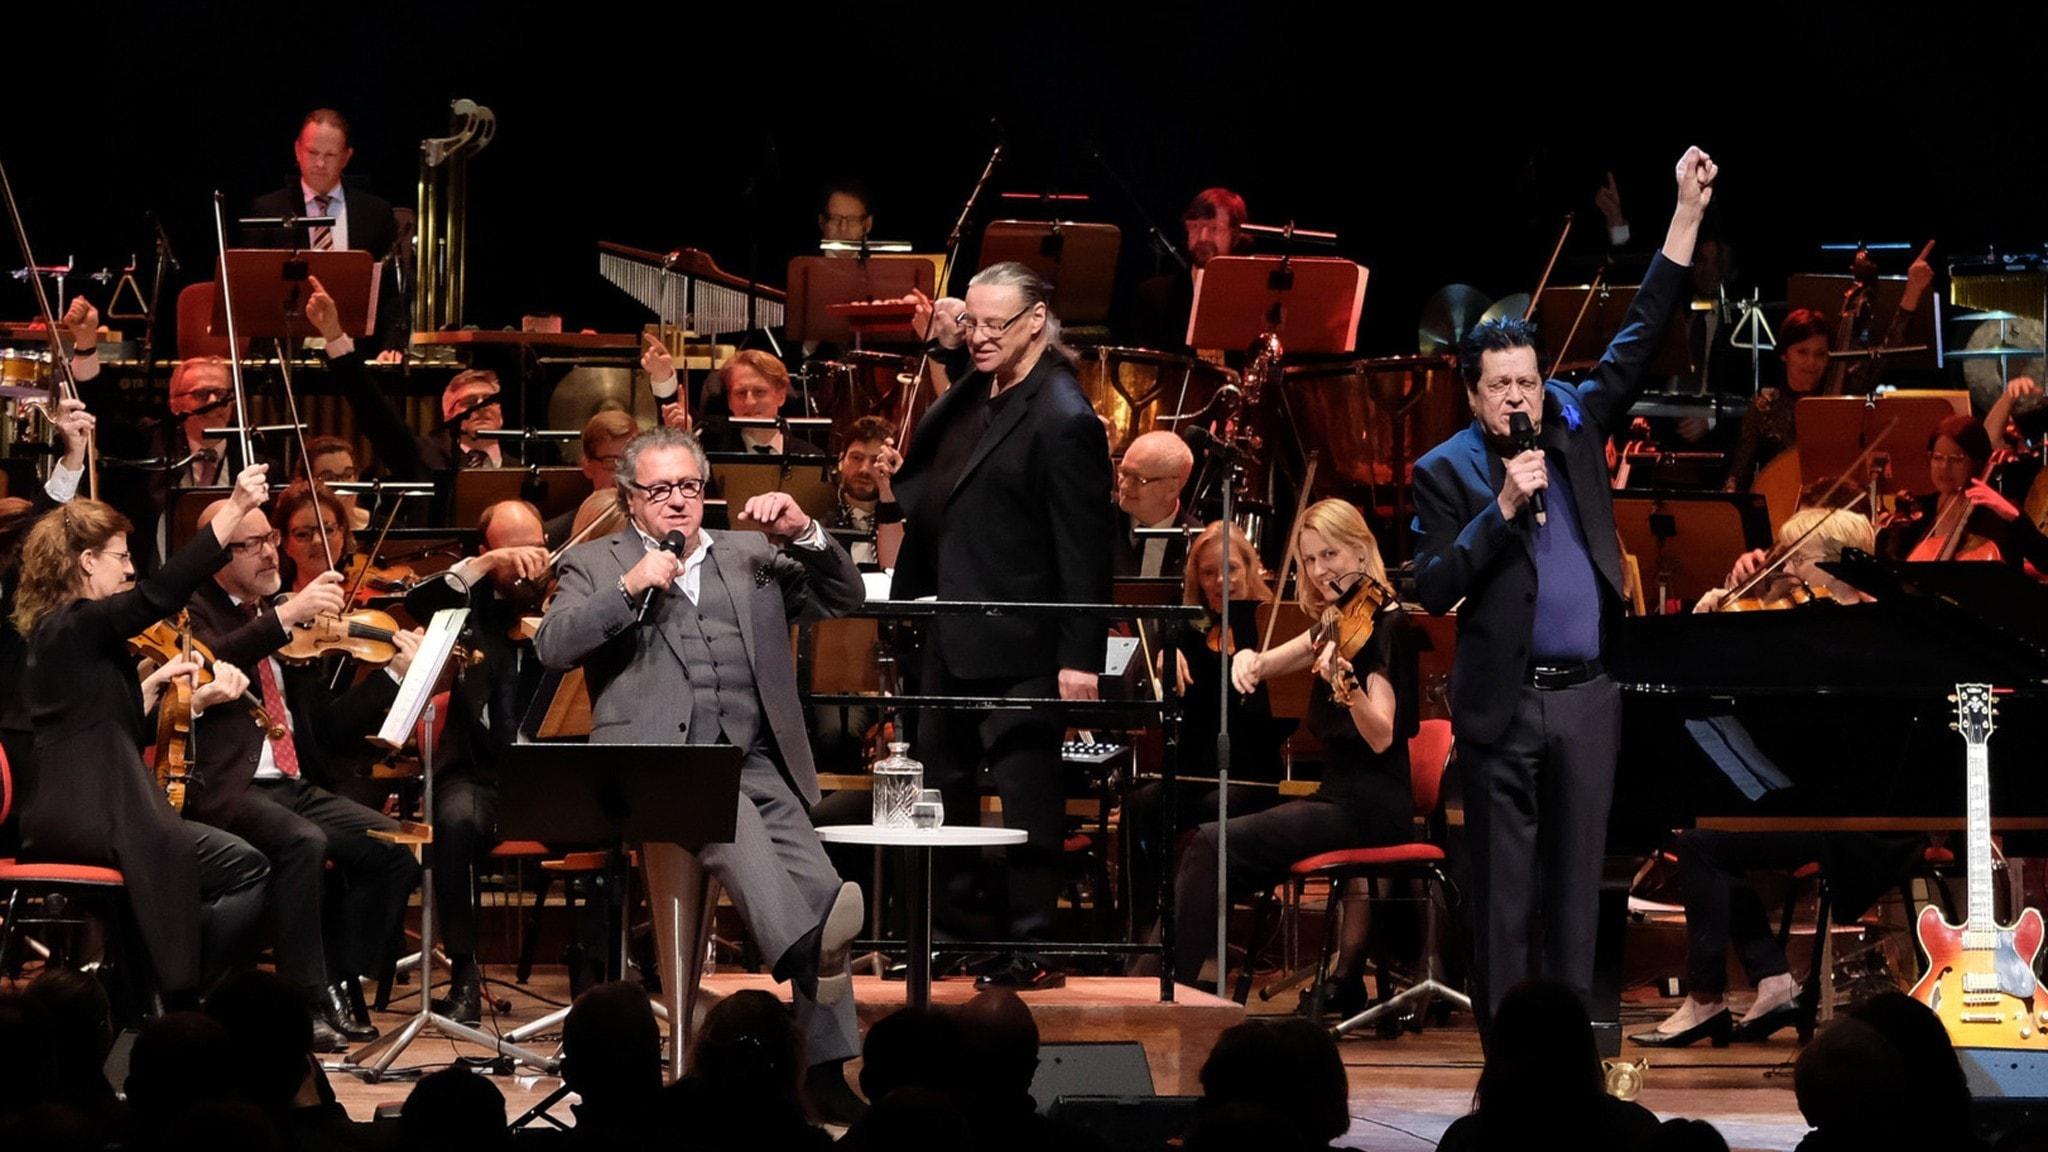 Anders Eljas dirigerar konserten i Berwaldhallen.